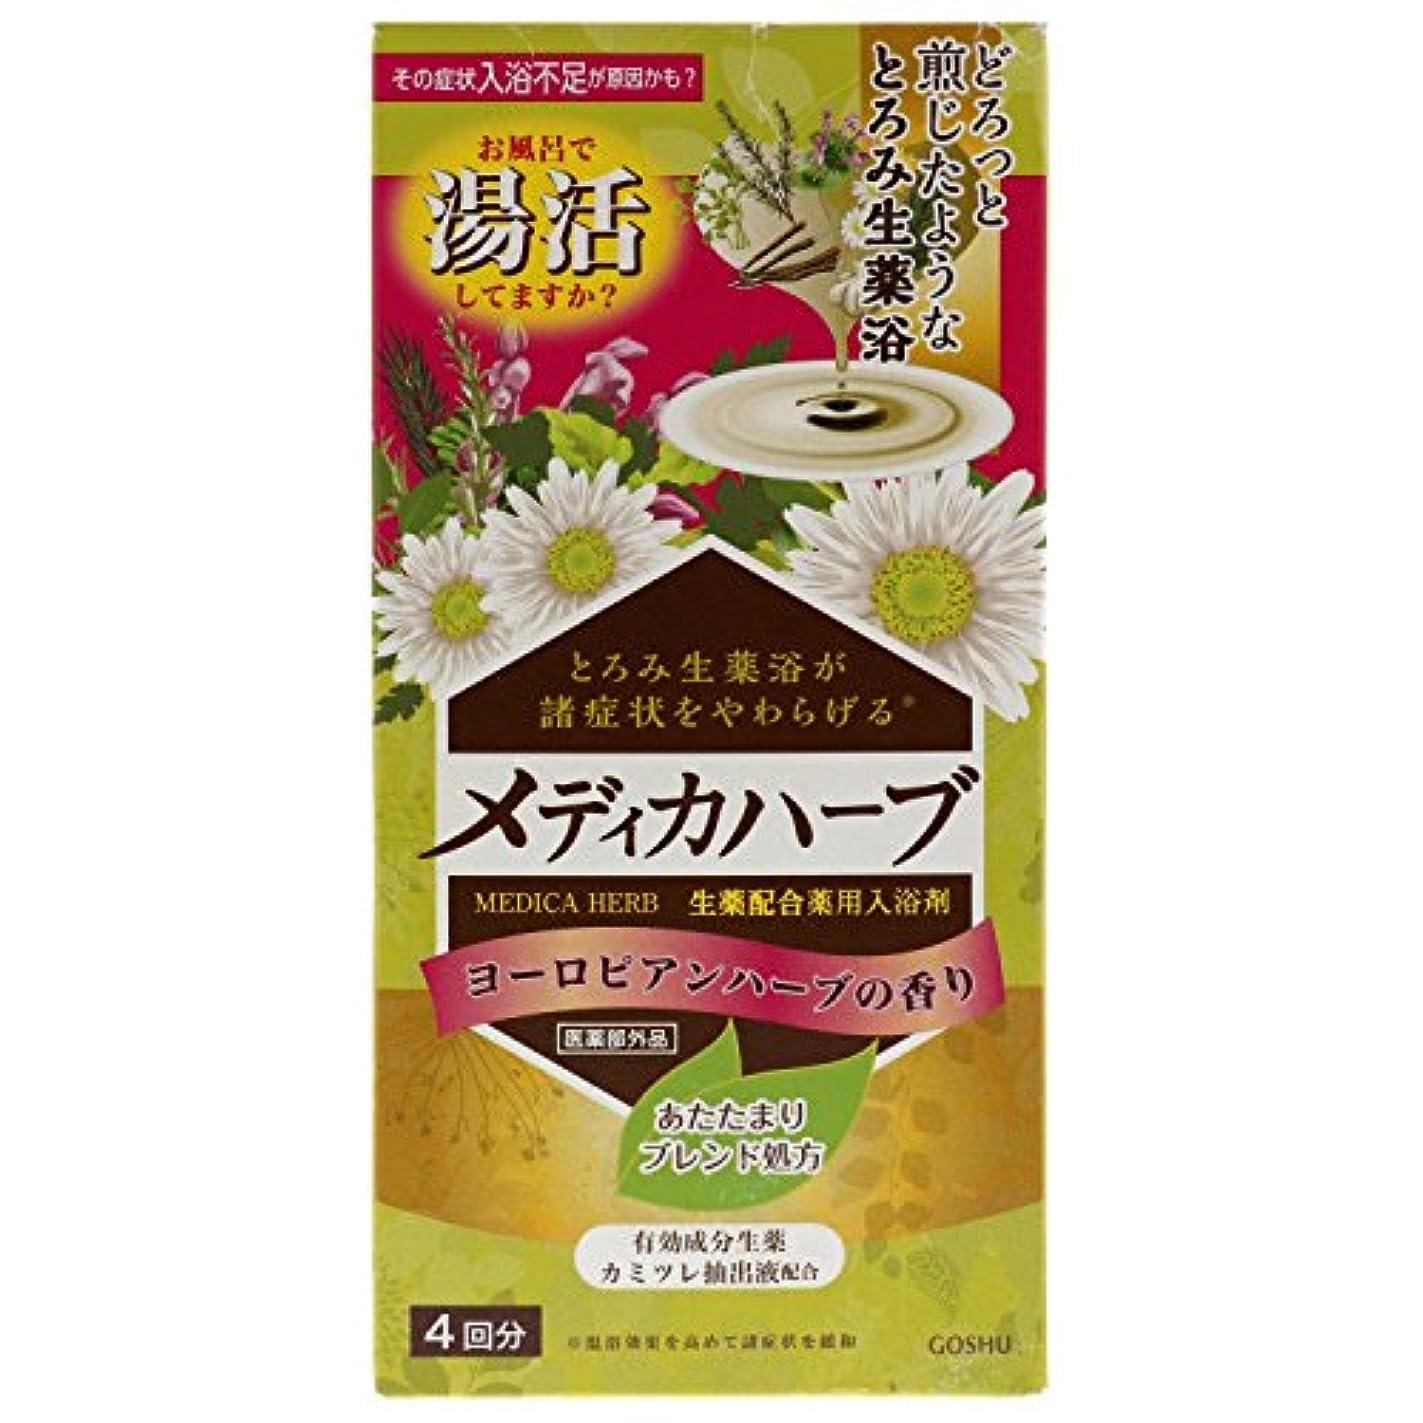 メディカハーブ ヨーロピアンハーブの香り 4包(4回分) [医薬部外品]